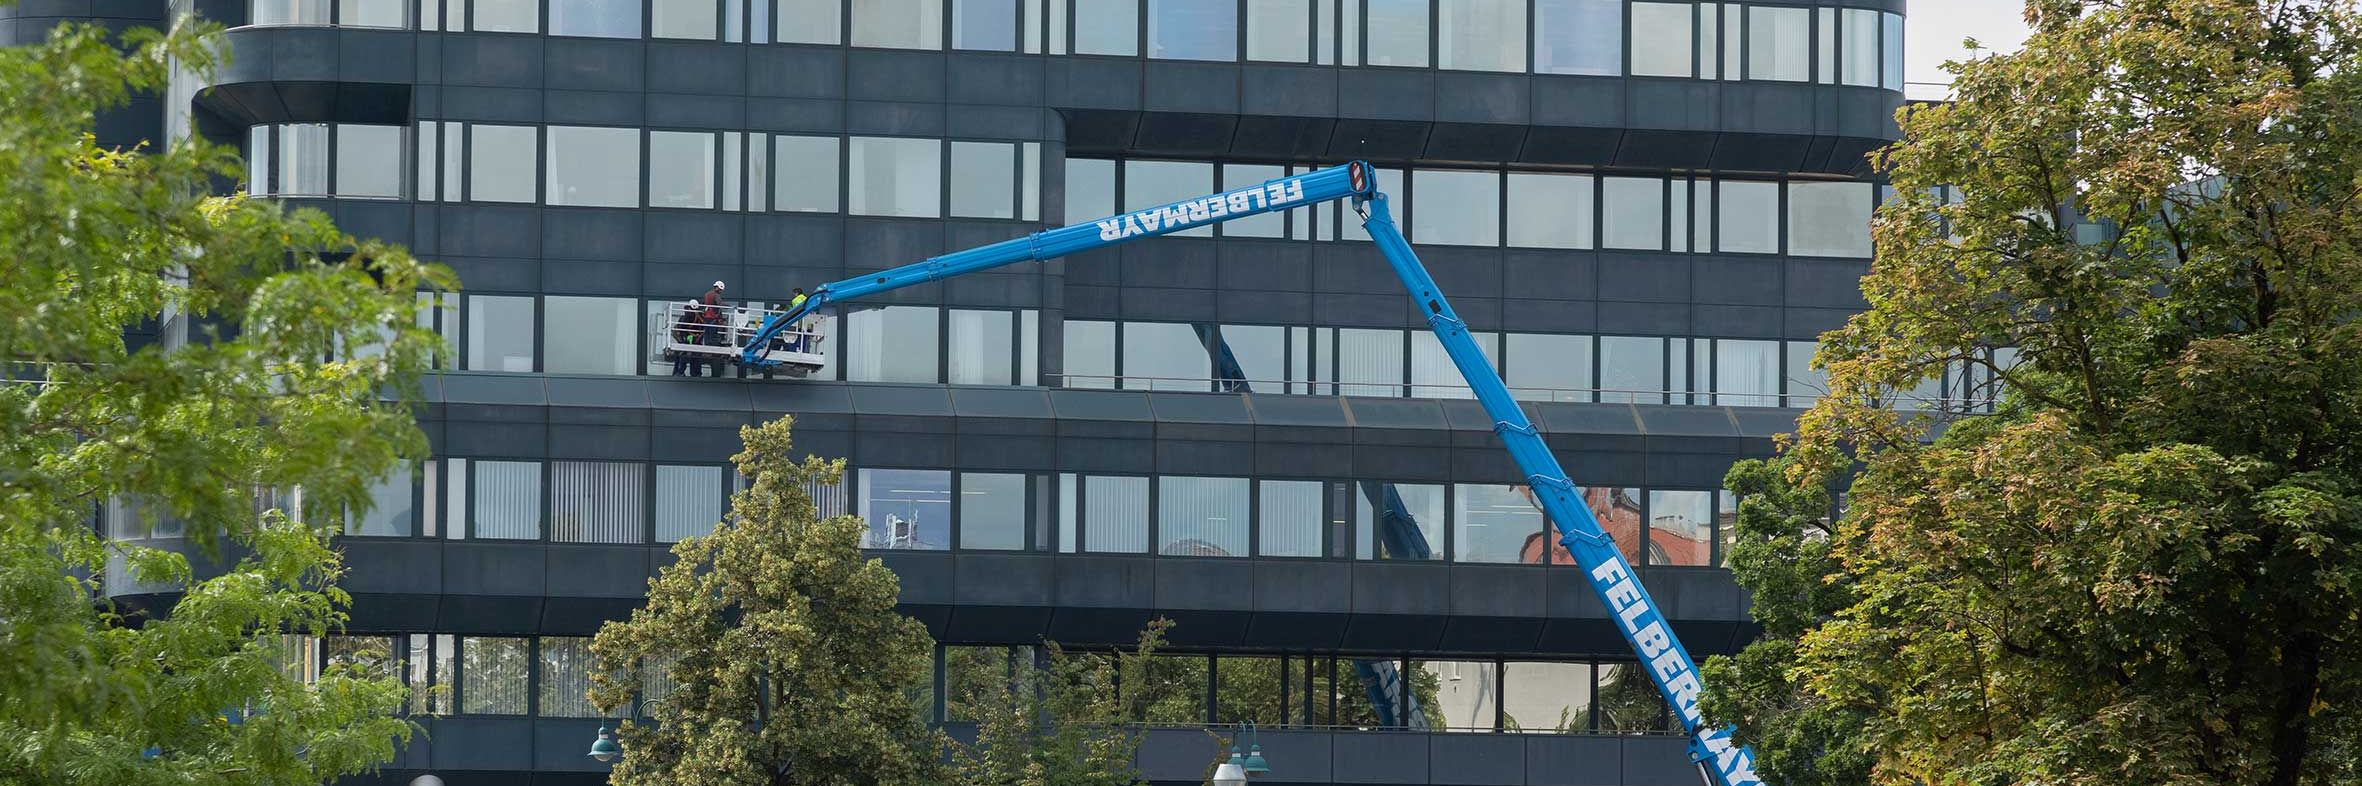 Weltneuheit mit 70 Meter Arbeitshöhe Slider